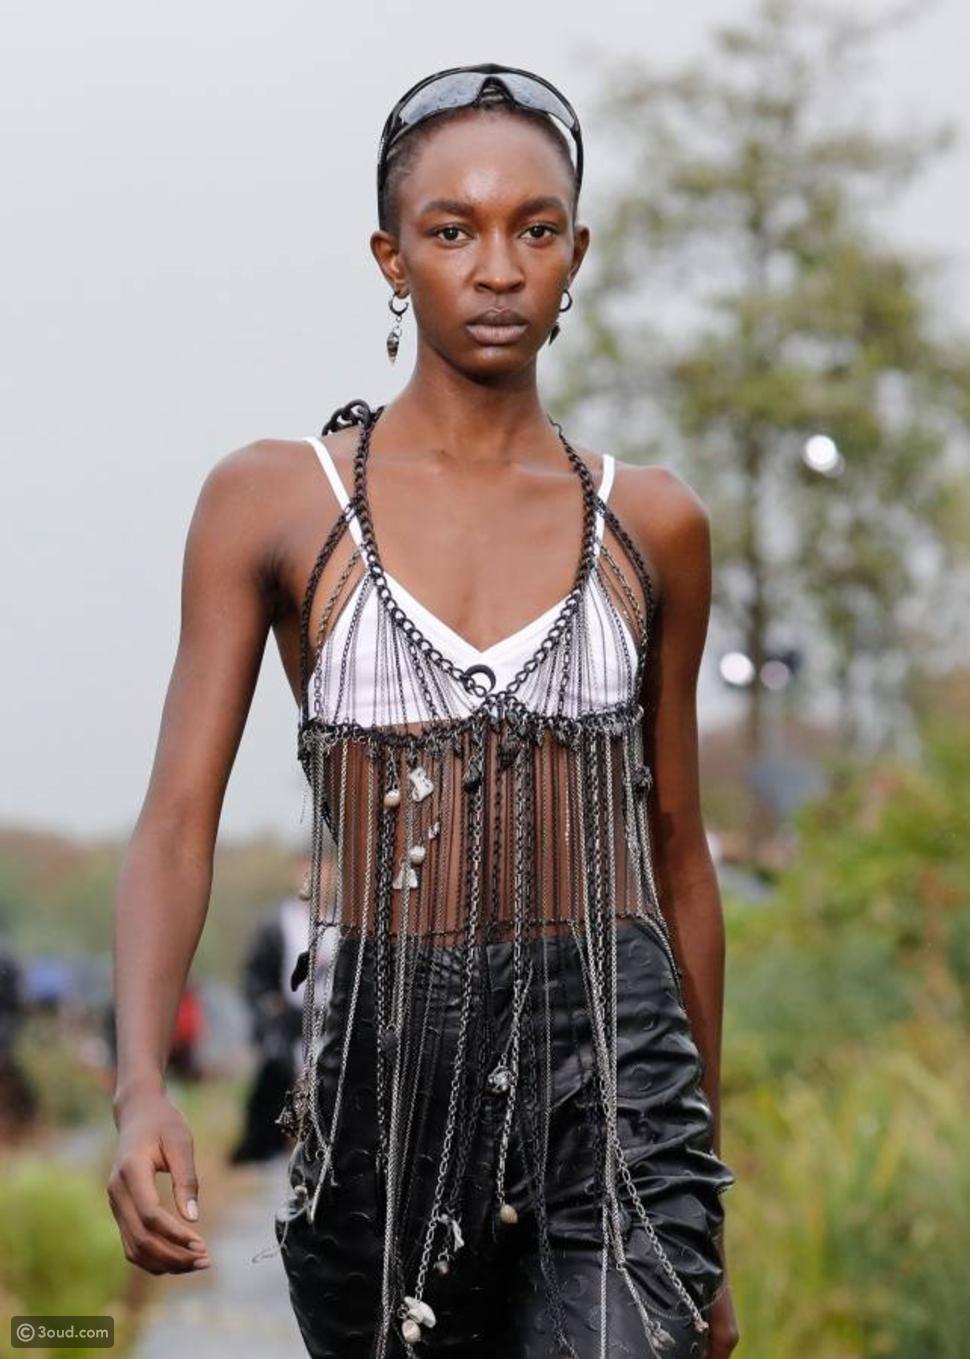 عارضات حوامل في أسبوع الموضة الباريسية بعد نيويورك